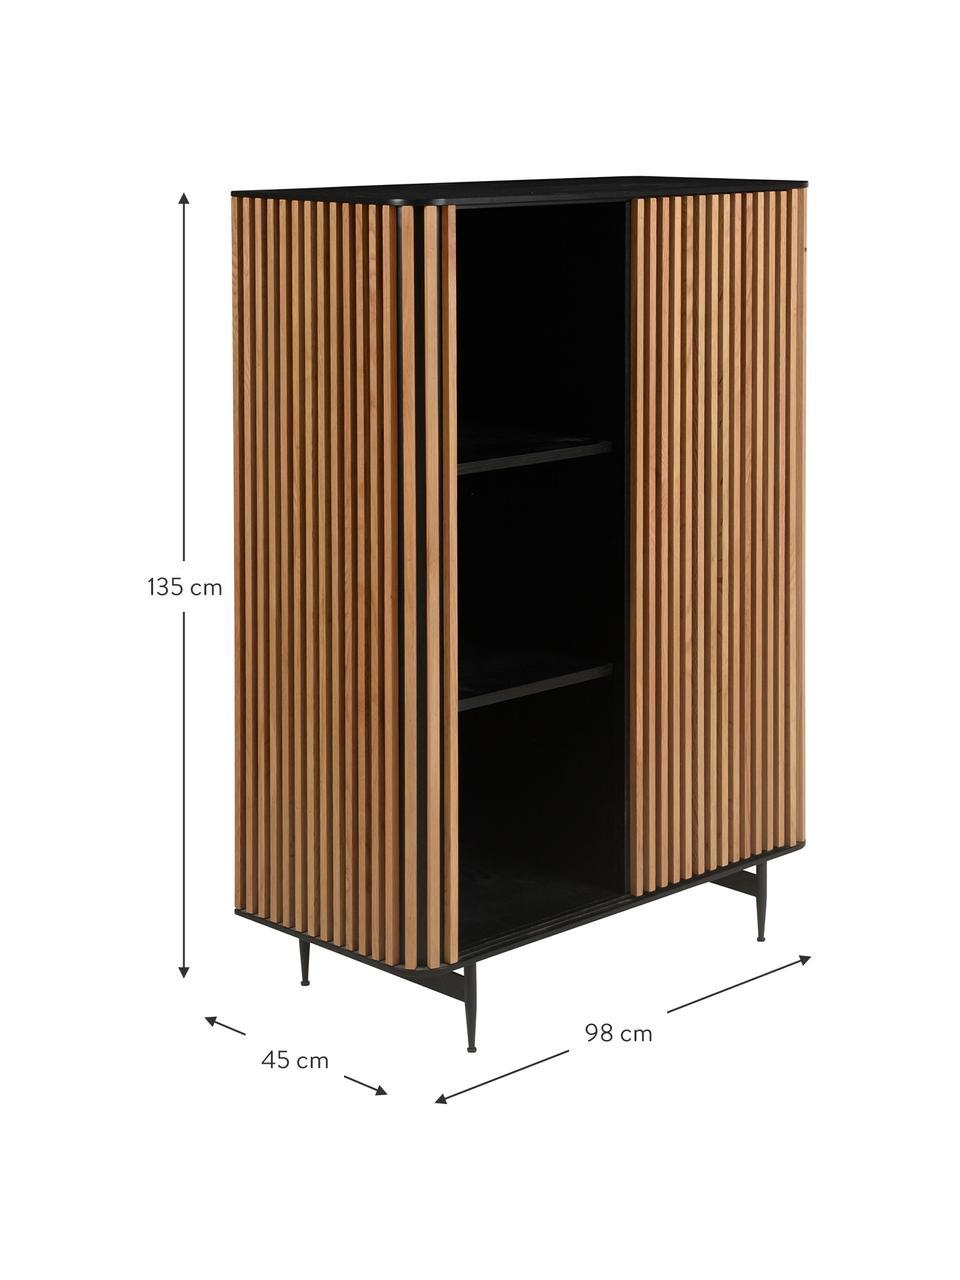 Wysoka komoda z przesuwanymi drzwiami Linea, Korpus: płyta pilśniowa średniej , Nogi: metal lakierowany, Czarny, drewno dębowe, S 98 x W 135 cm